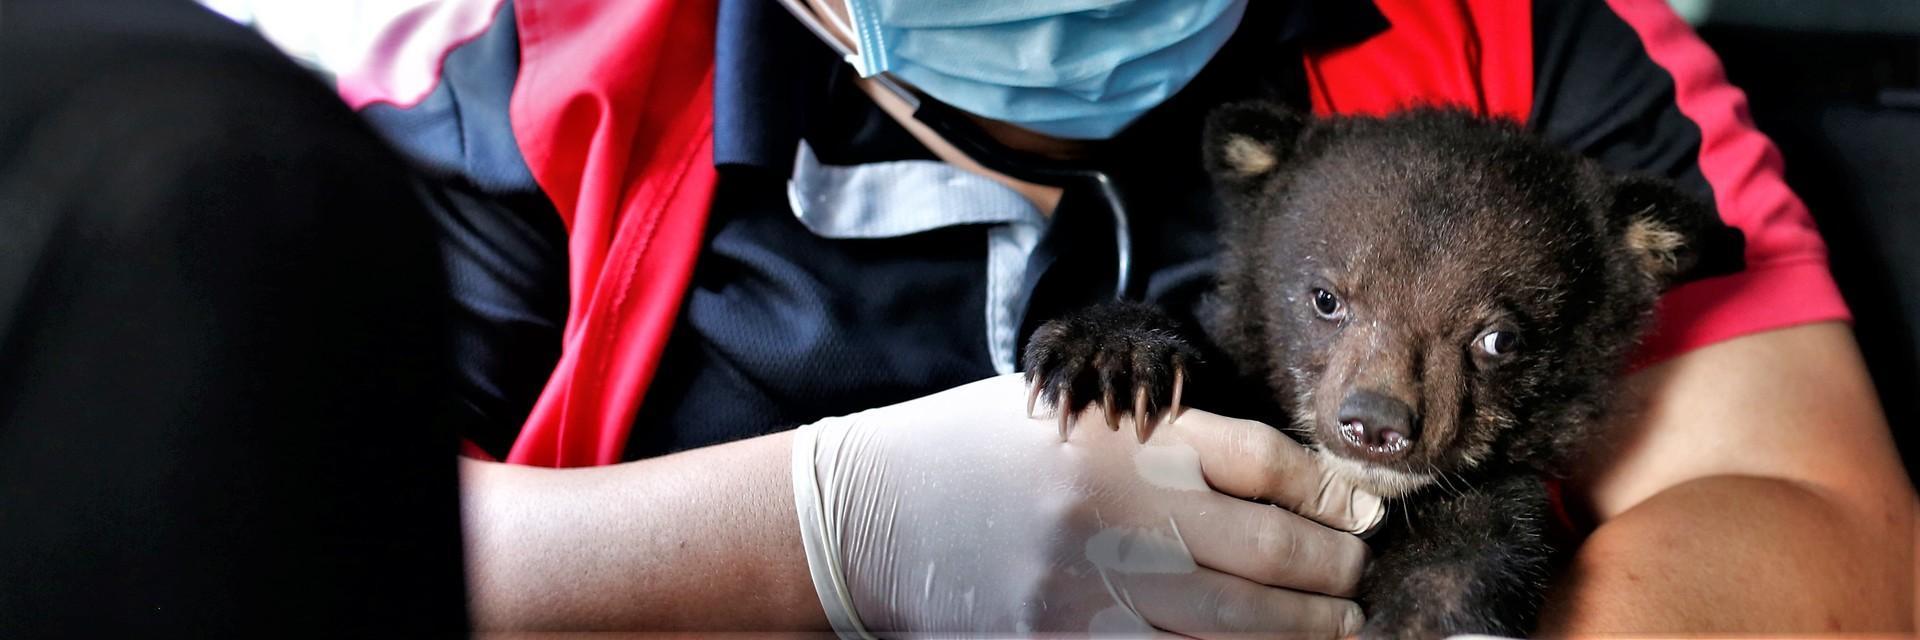 Bärenmädchen Mochi wird gerettet